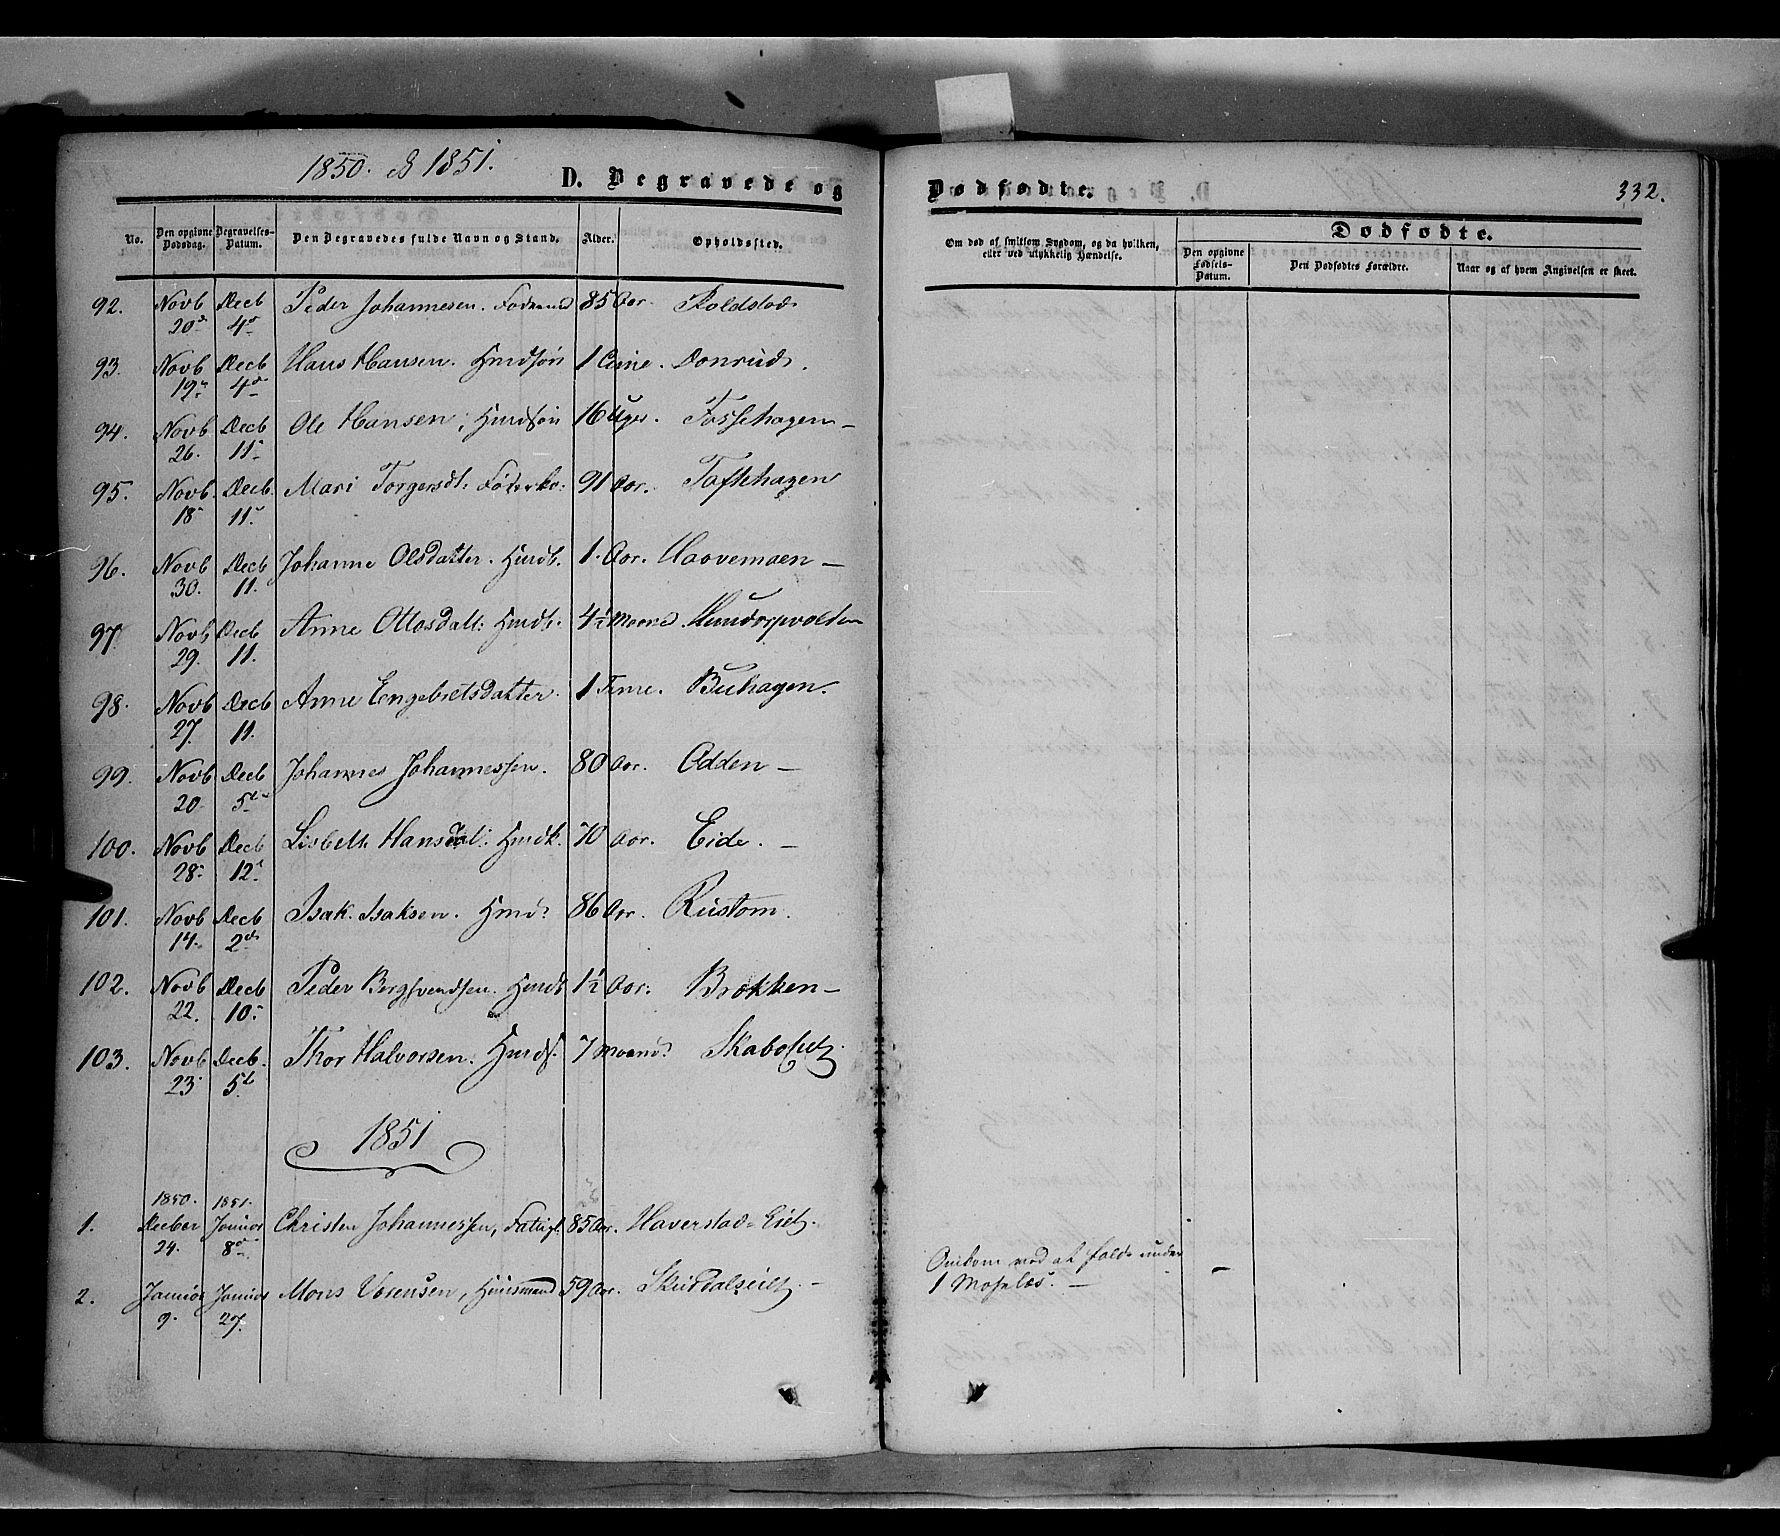 SAH, Sør-Fron prestekontor, H/Ha/Haa/L0001: Ministerialbok nr. 1, 1849-1863, s. 332